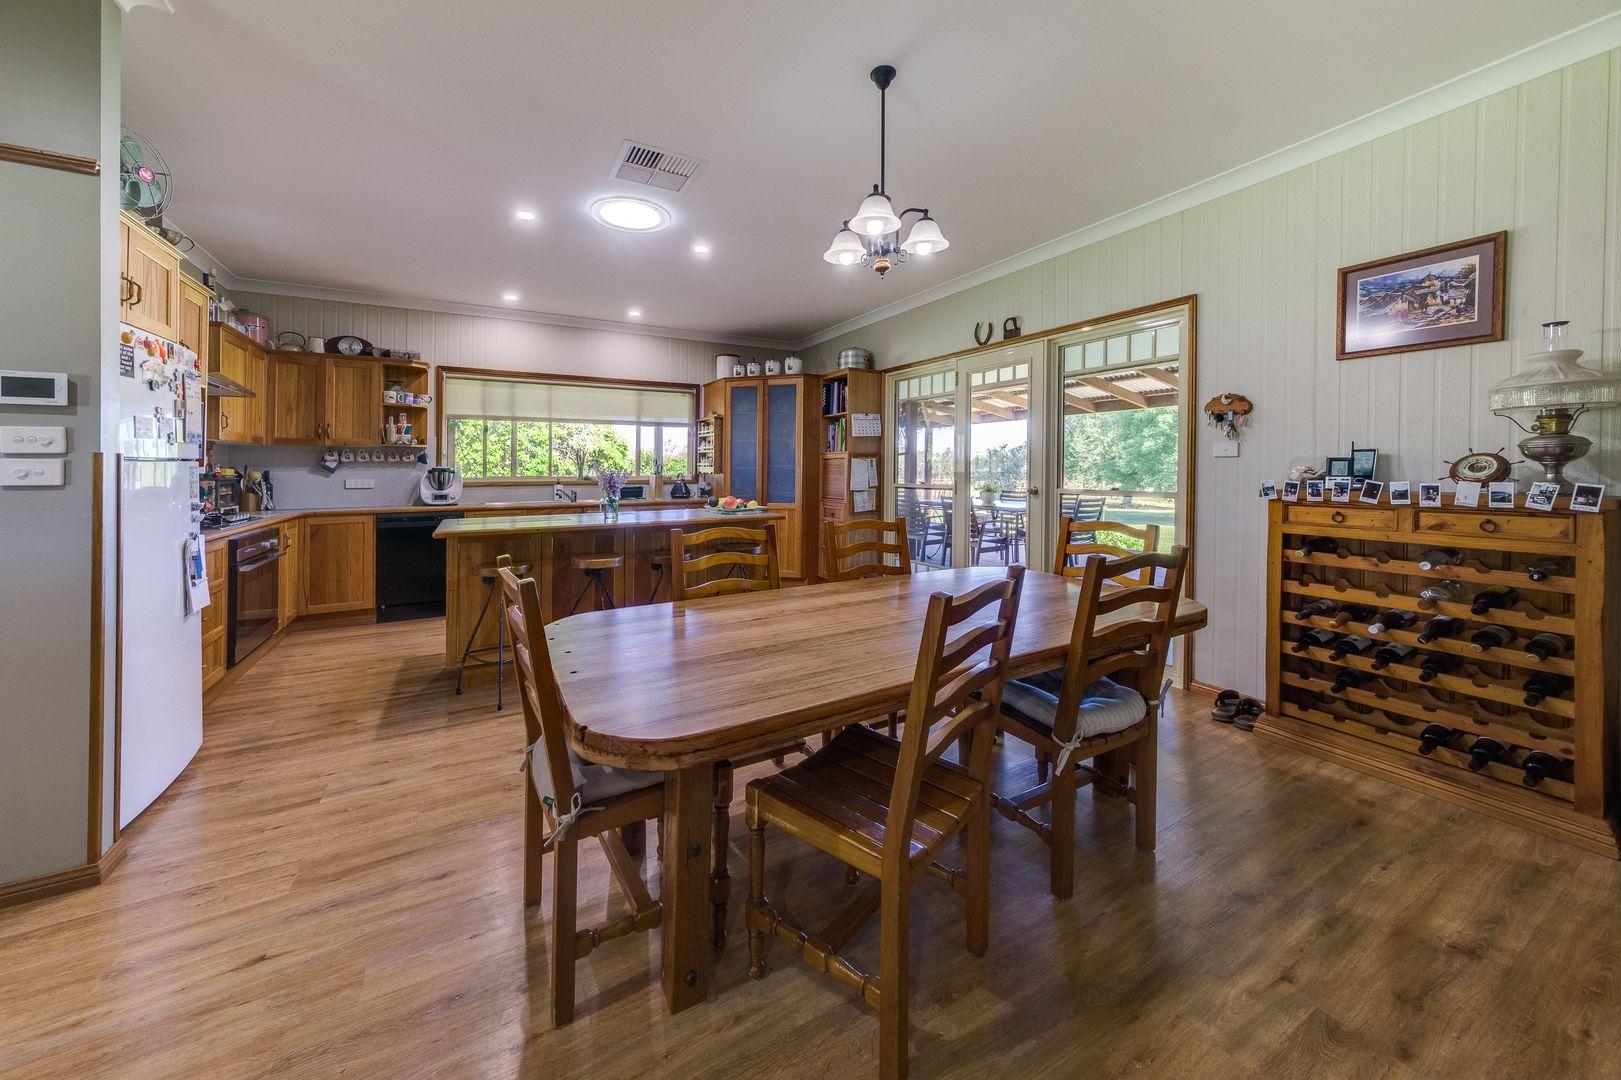 407 Bartons Lane, Duri (Gowrie), Tamworth NSW 2340, Image 1